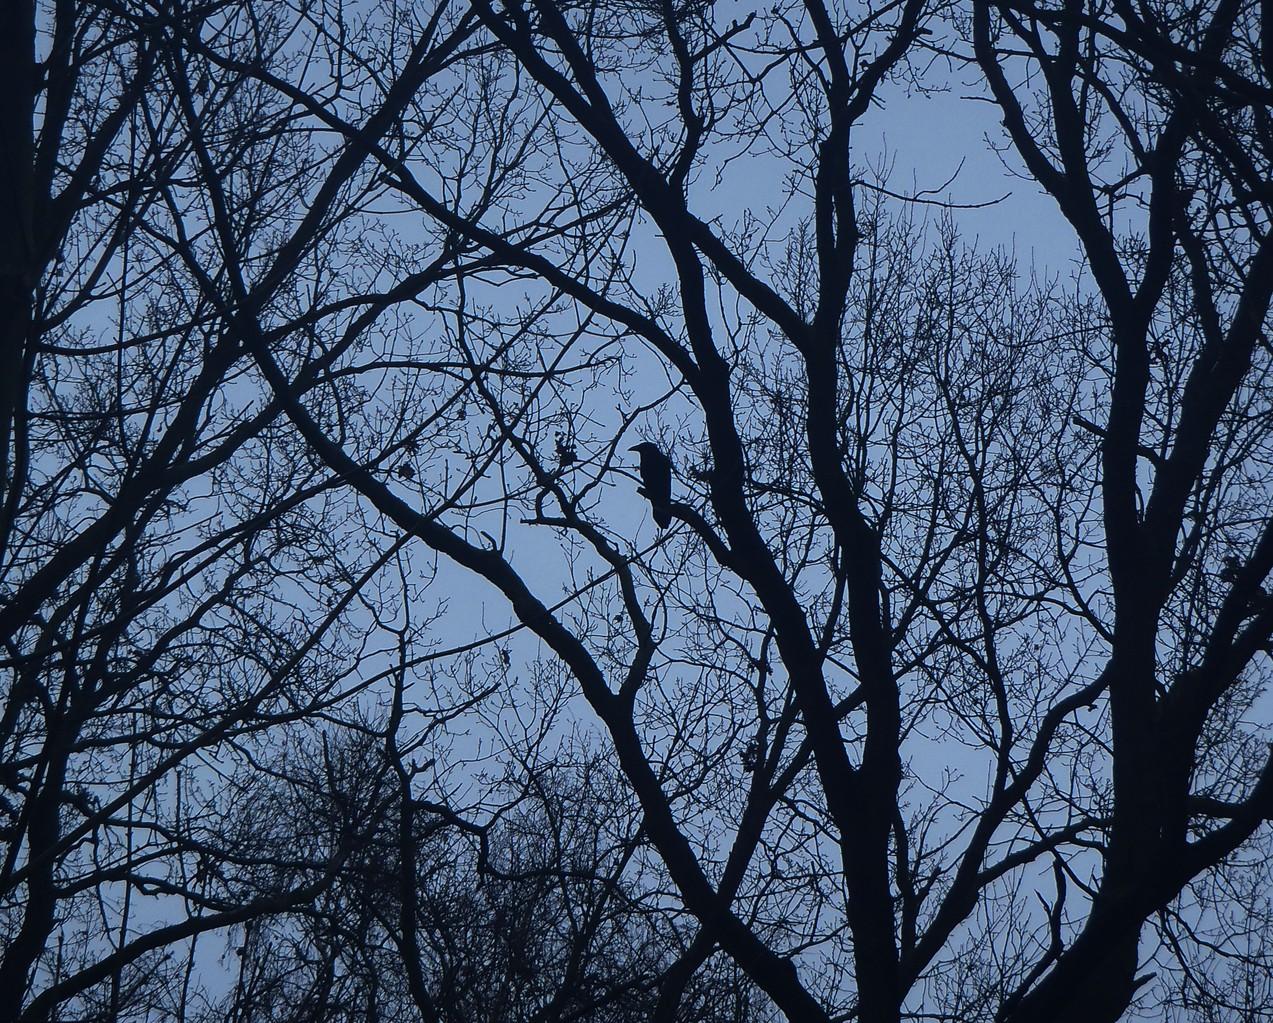 selten geworden in Berlin: Die Rabenkrähe